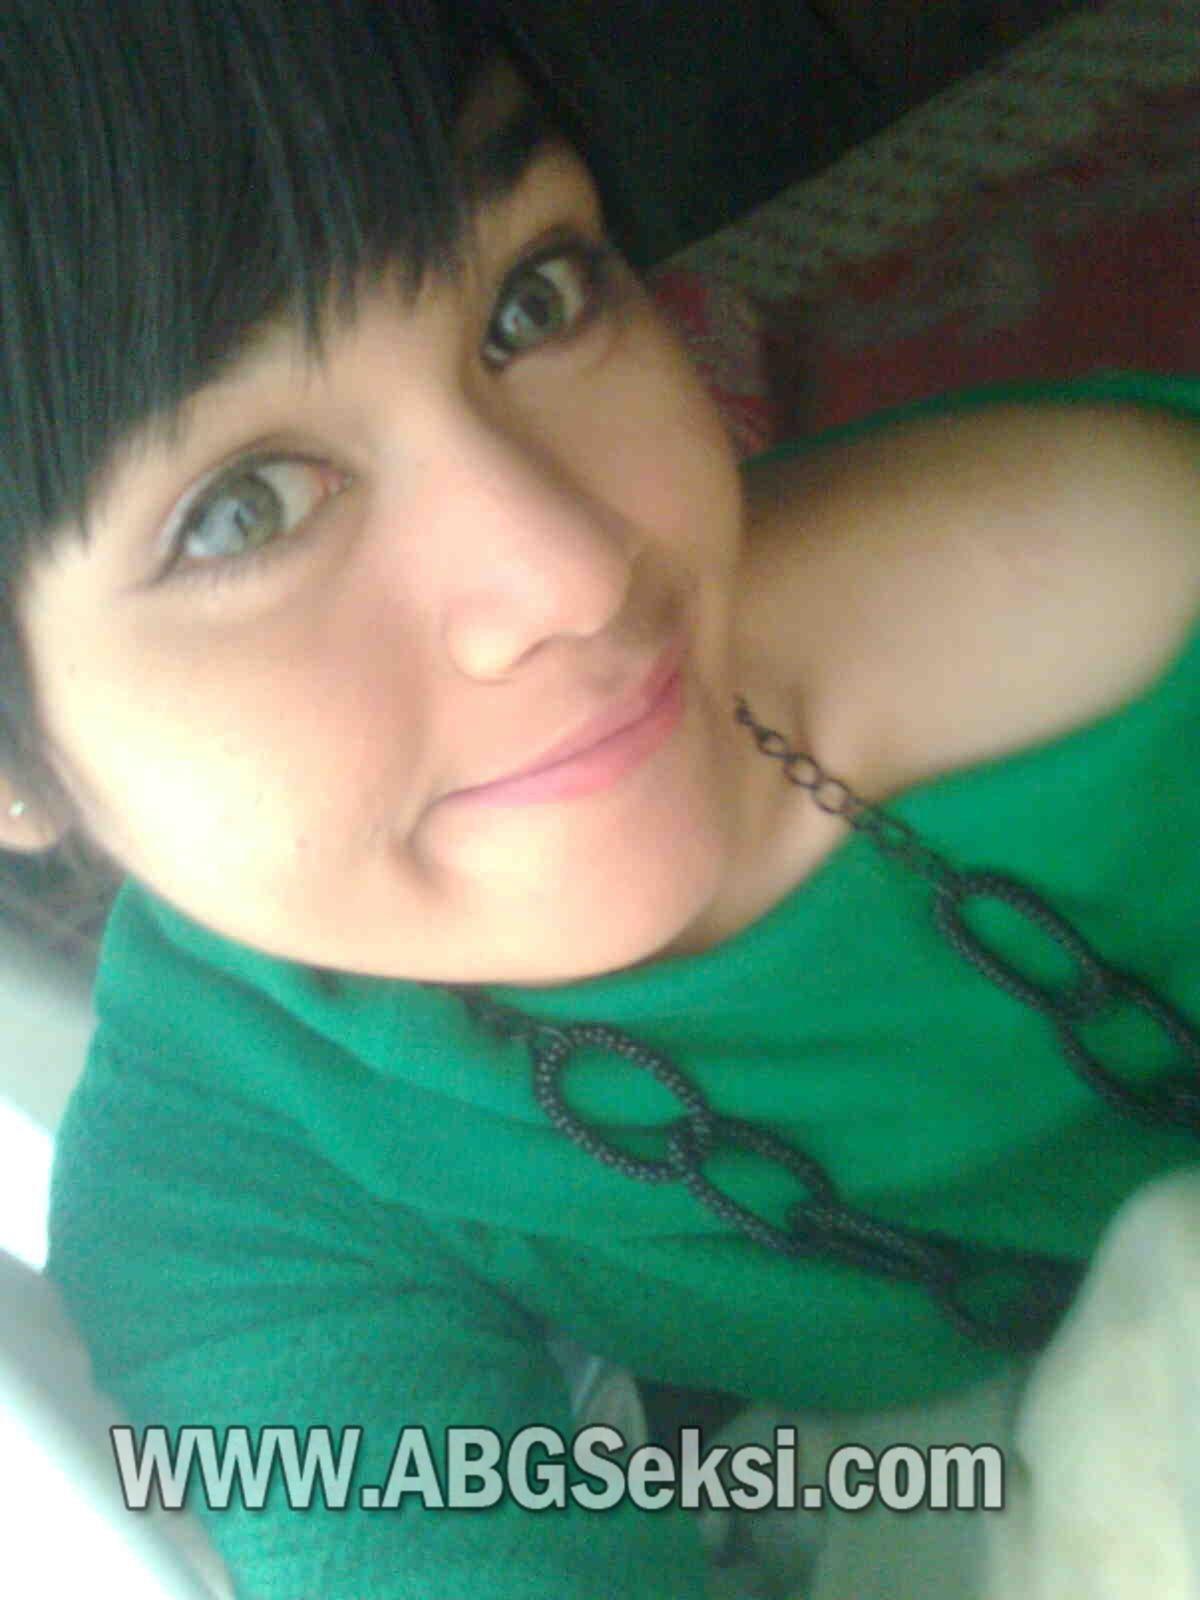 image Indonesiansama cewek cantik dan manis